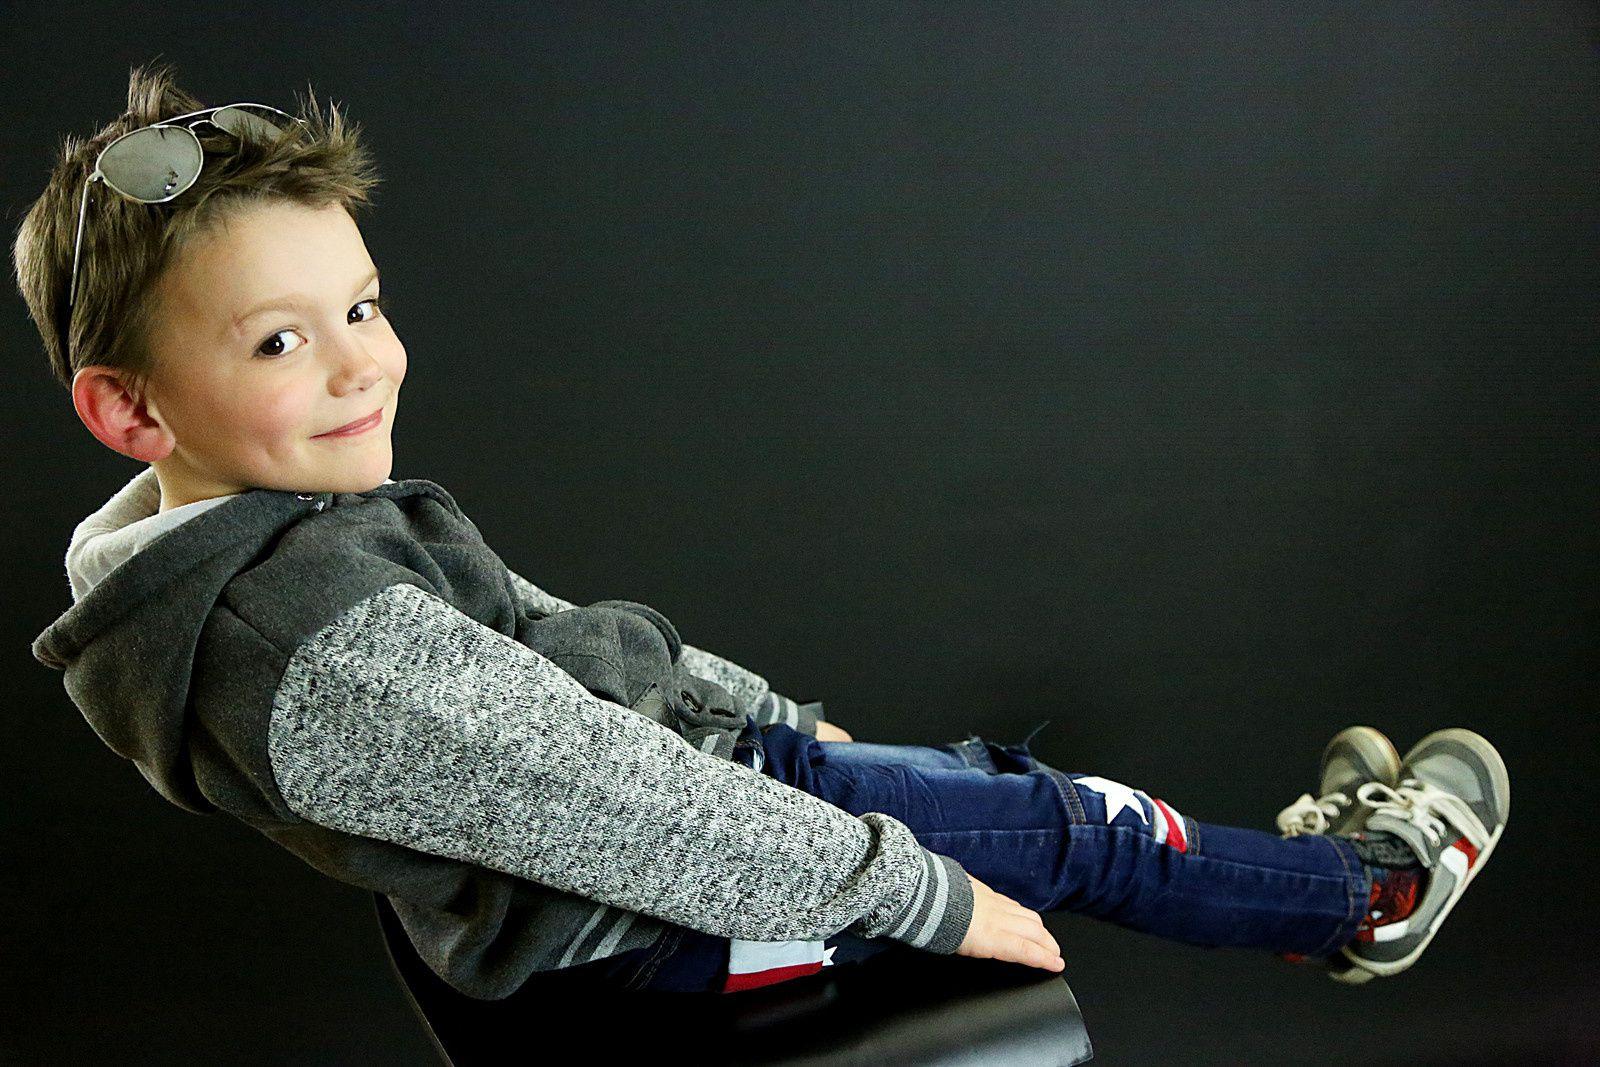 Mattéo très professionnel pour son jeune âge est certainement un gamin qui promet !